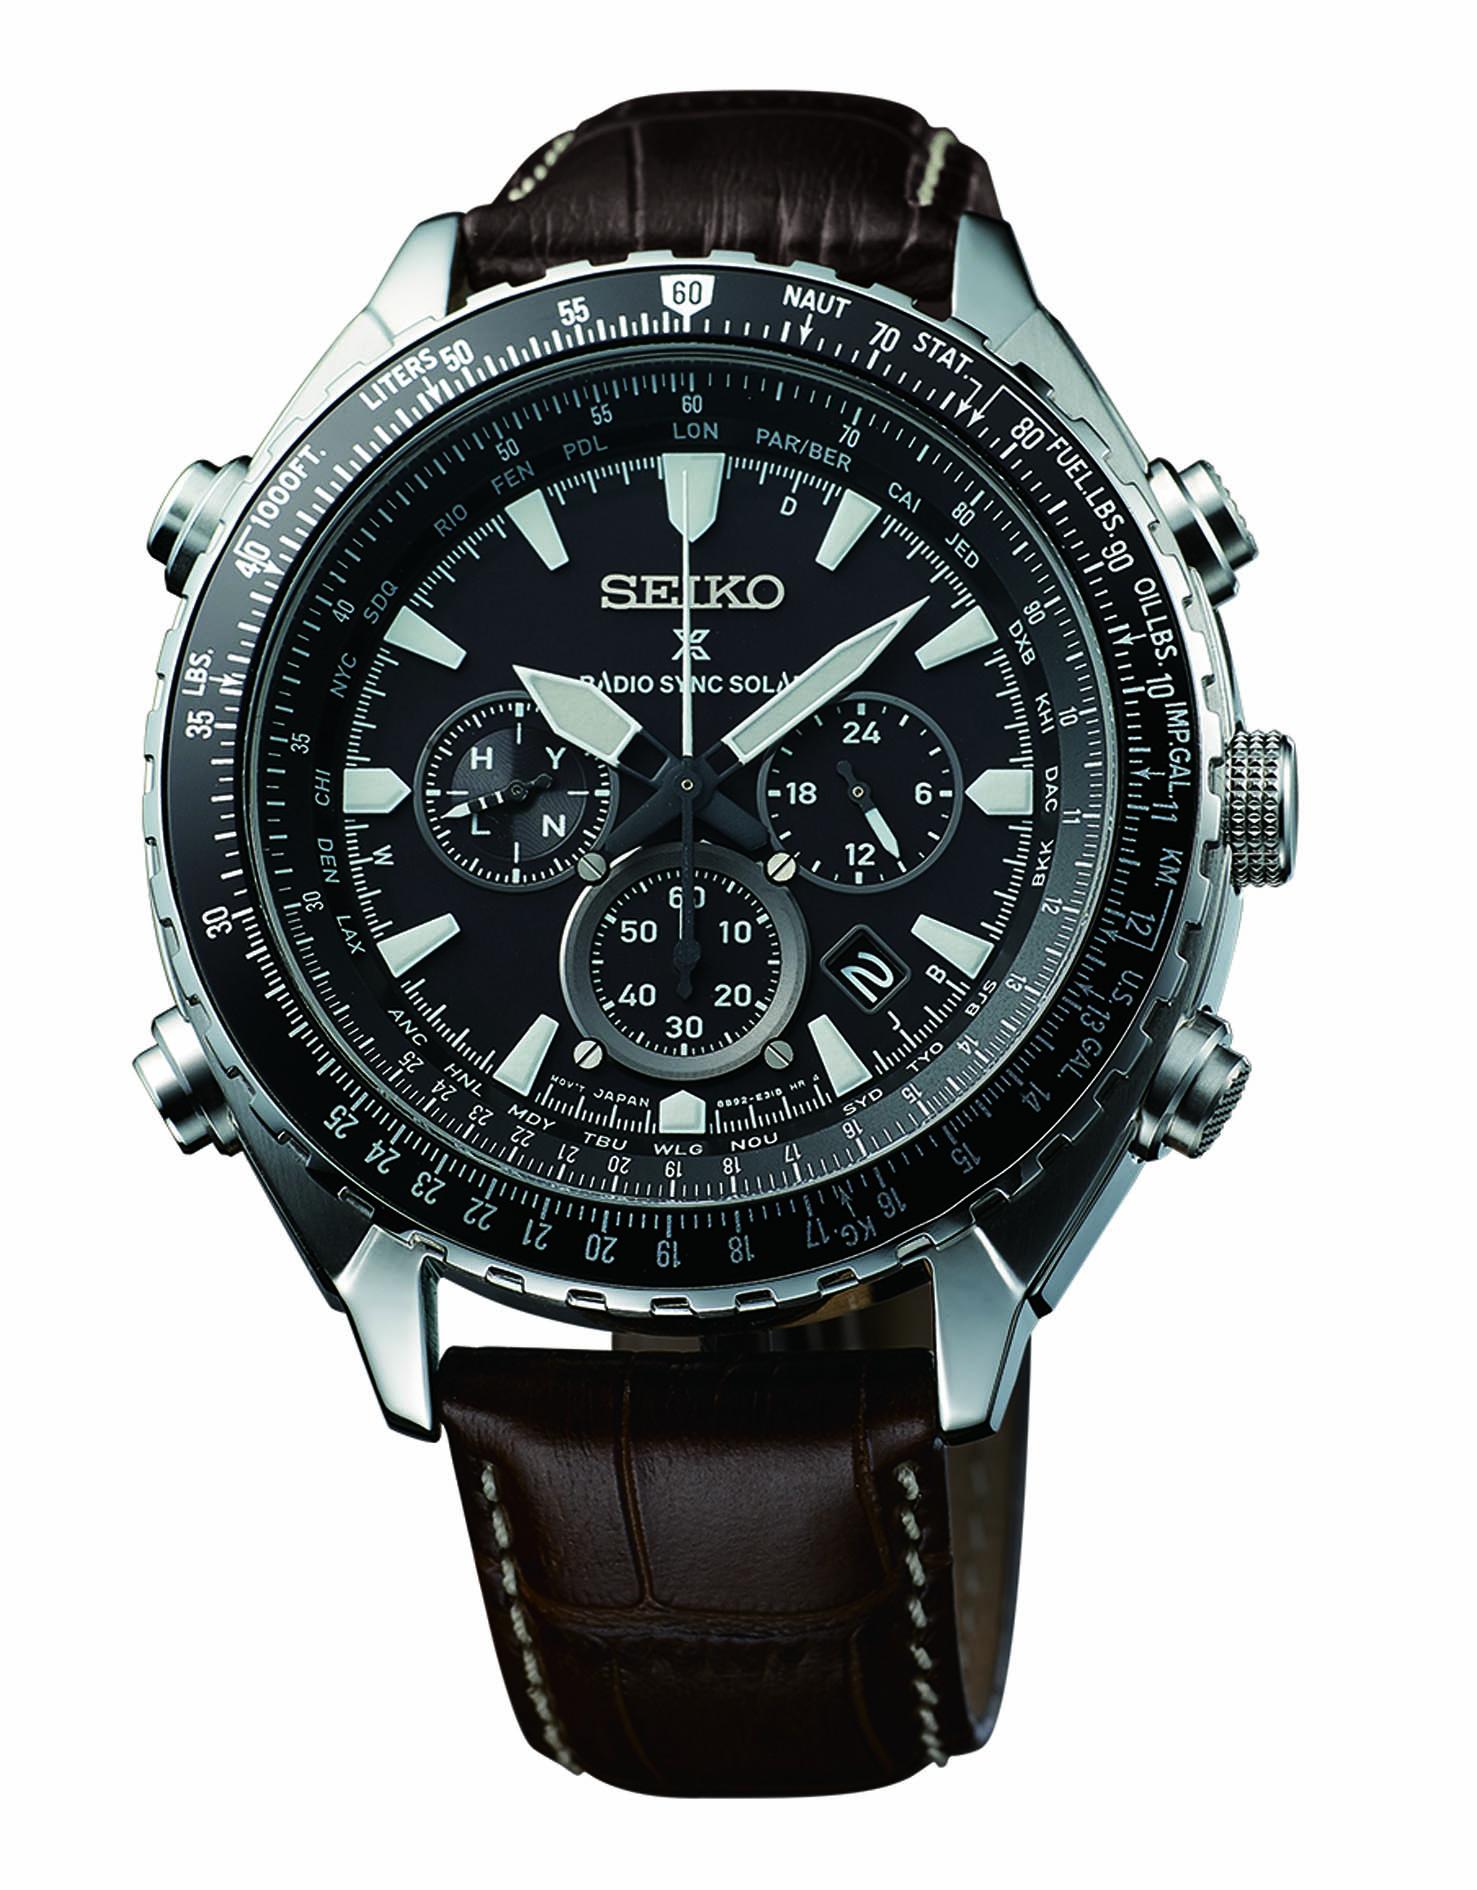 7ecbe9e6404d Las mejores marcas de relojes del mundo que deberías de tener